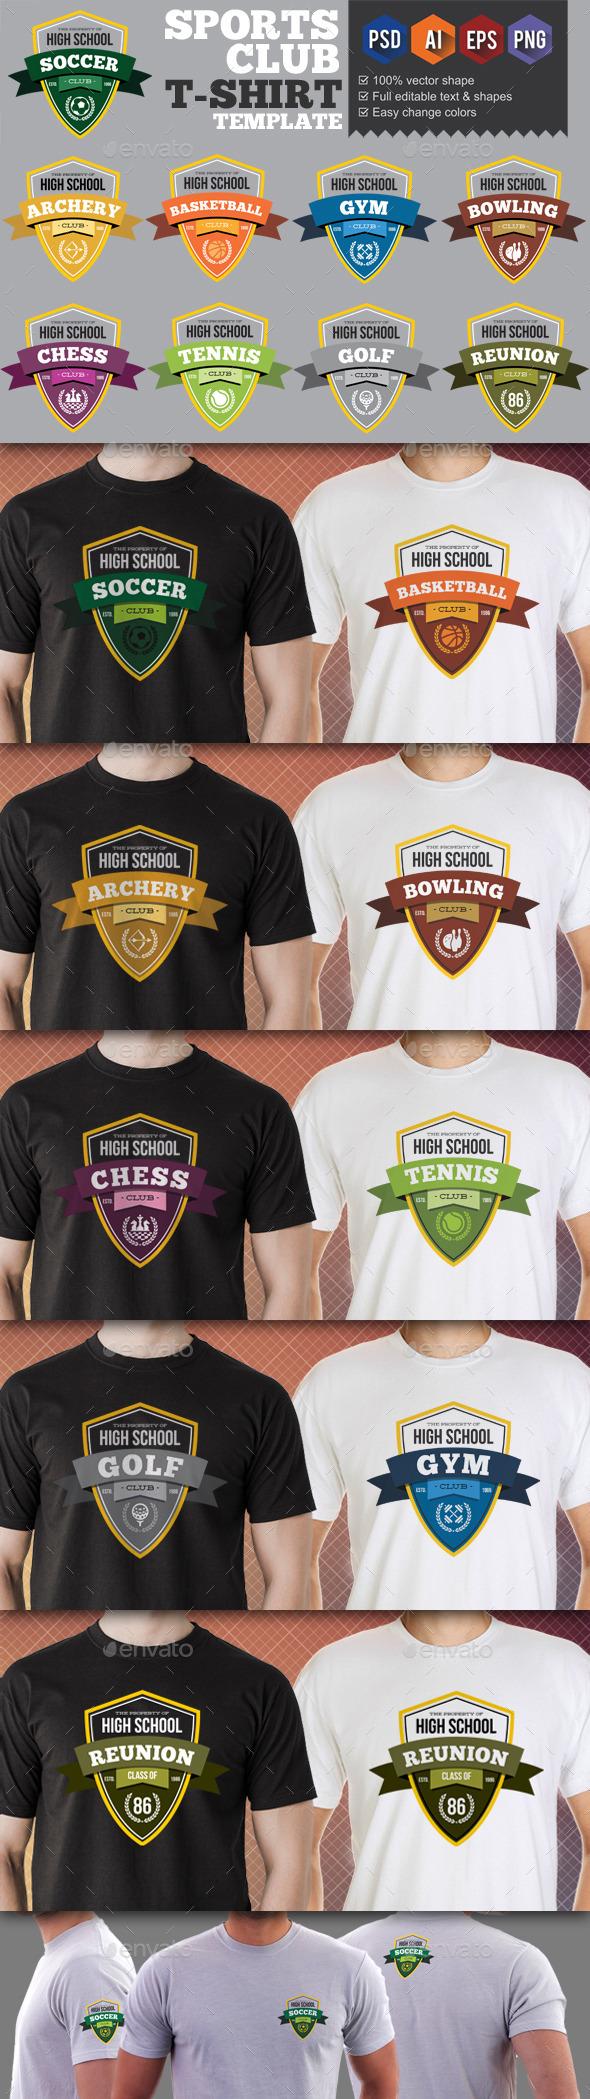 GraphicRiver 9 Sport Club T-Shirt Templates v3 9697812